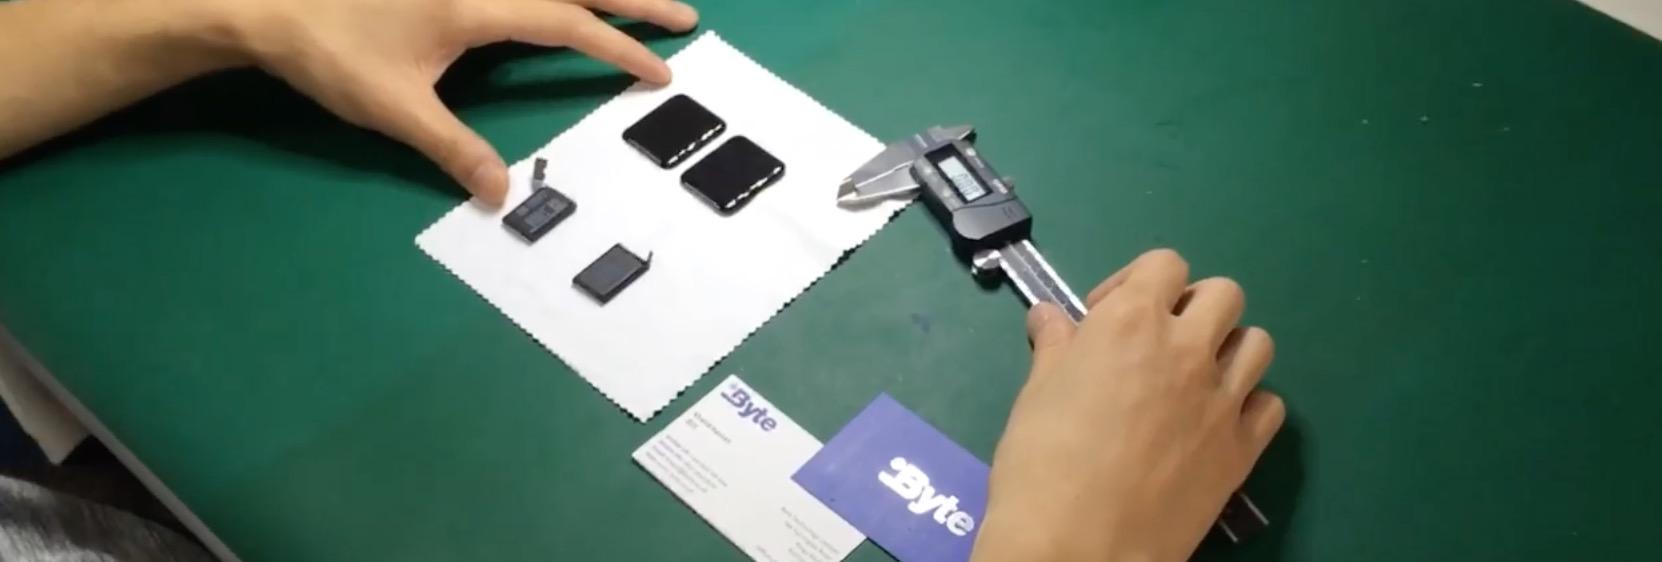 Batteria Apple Watch 2